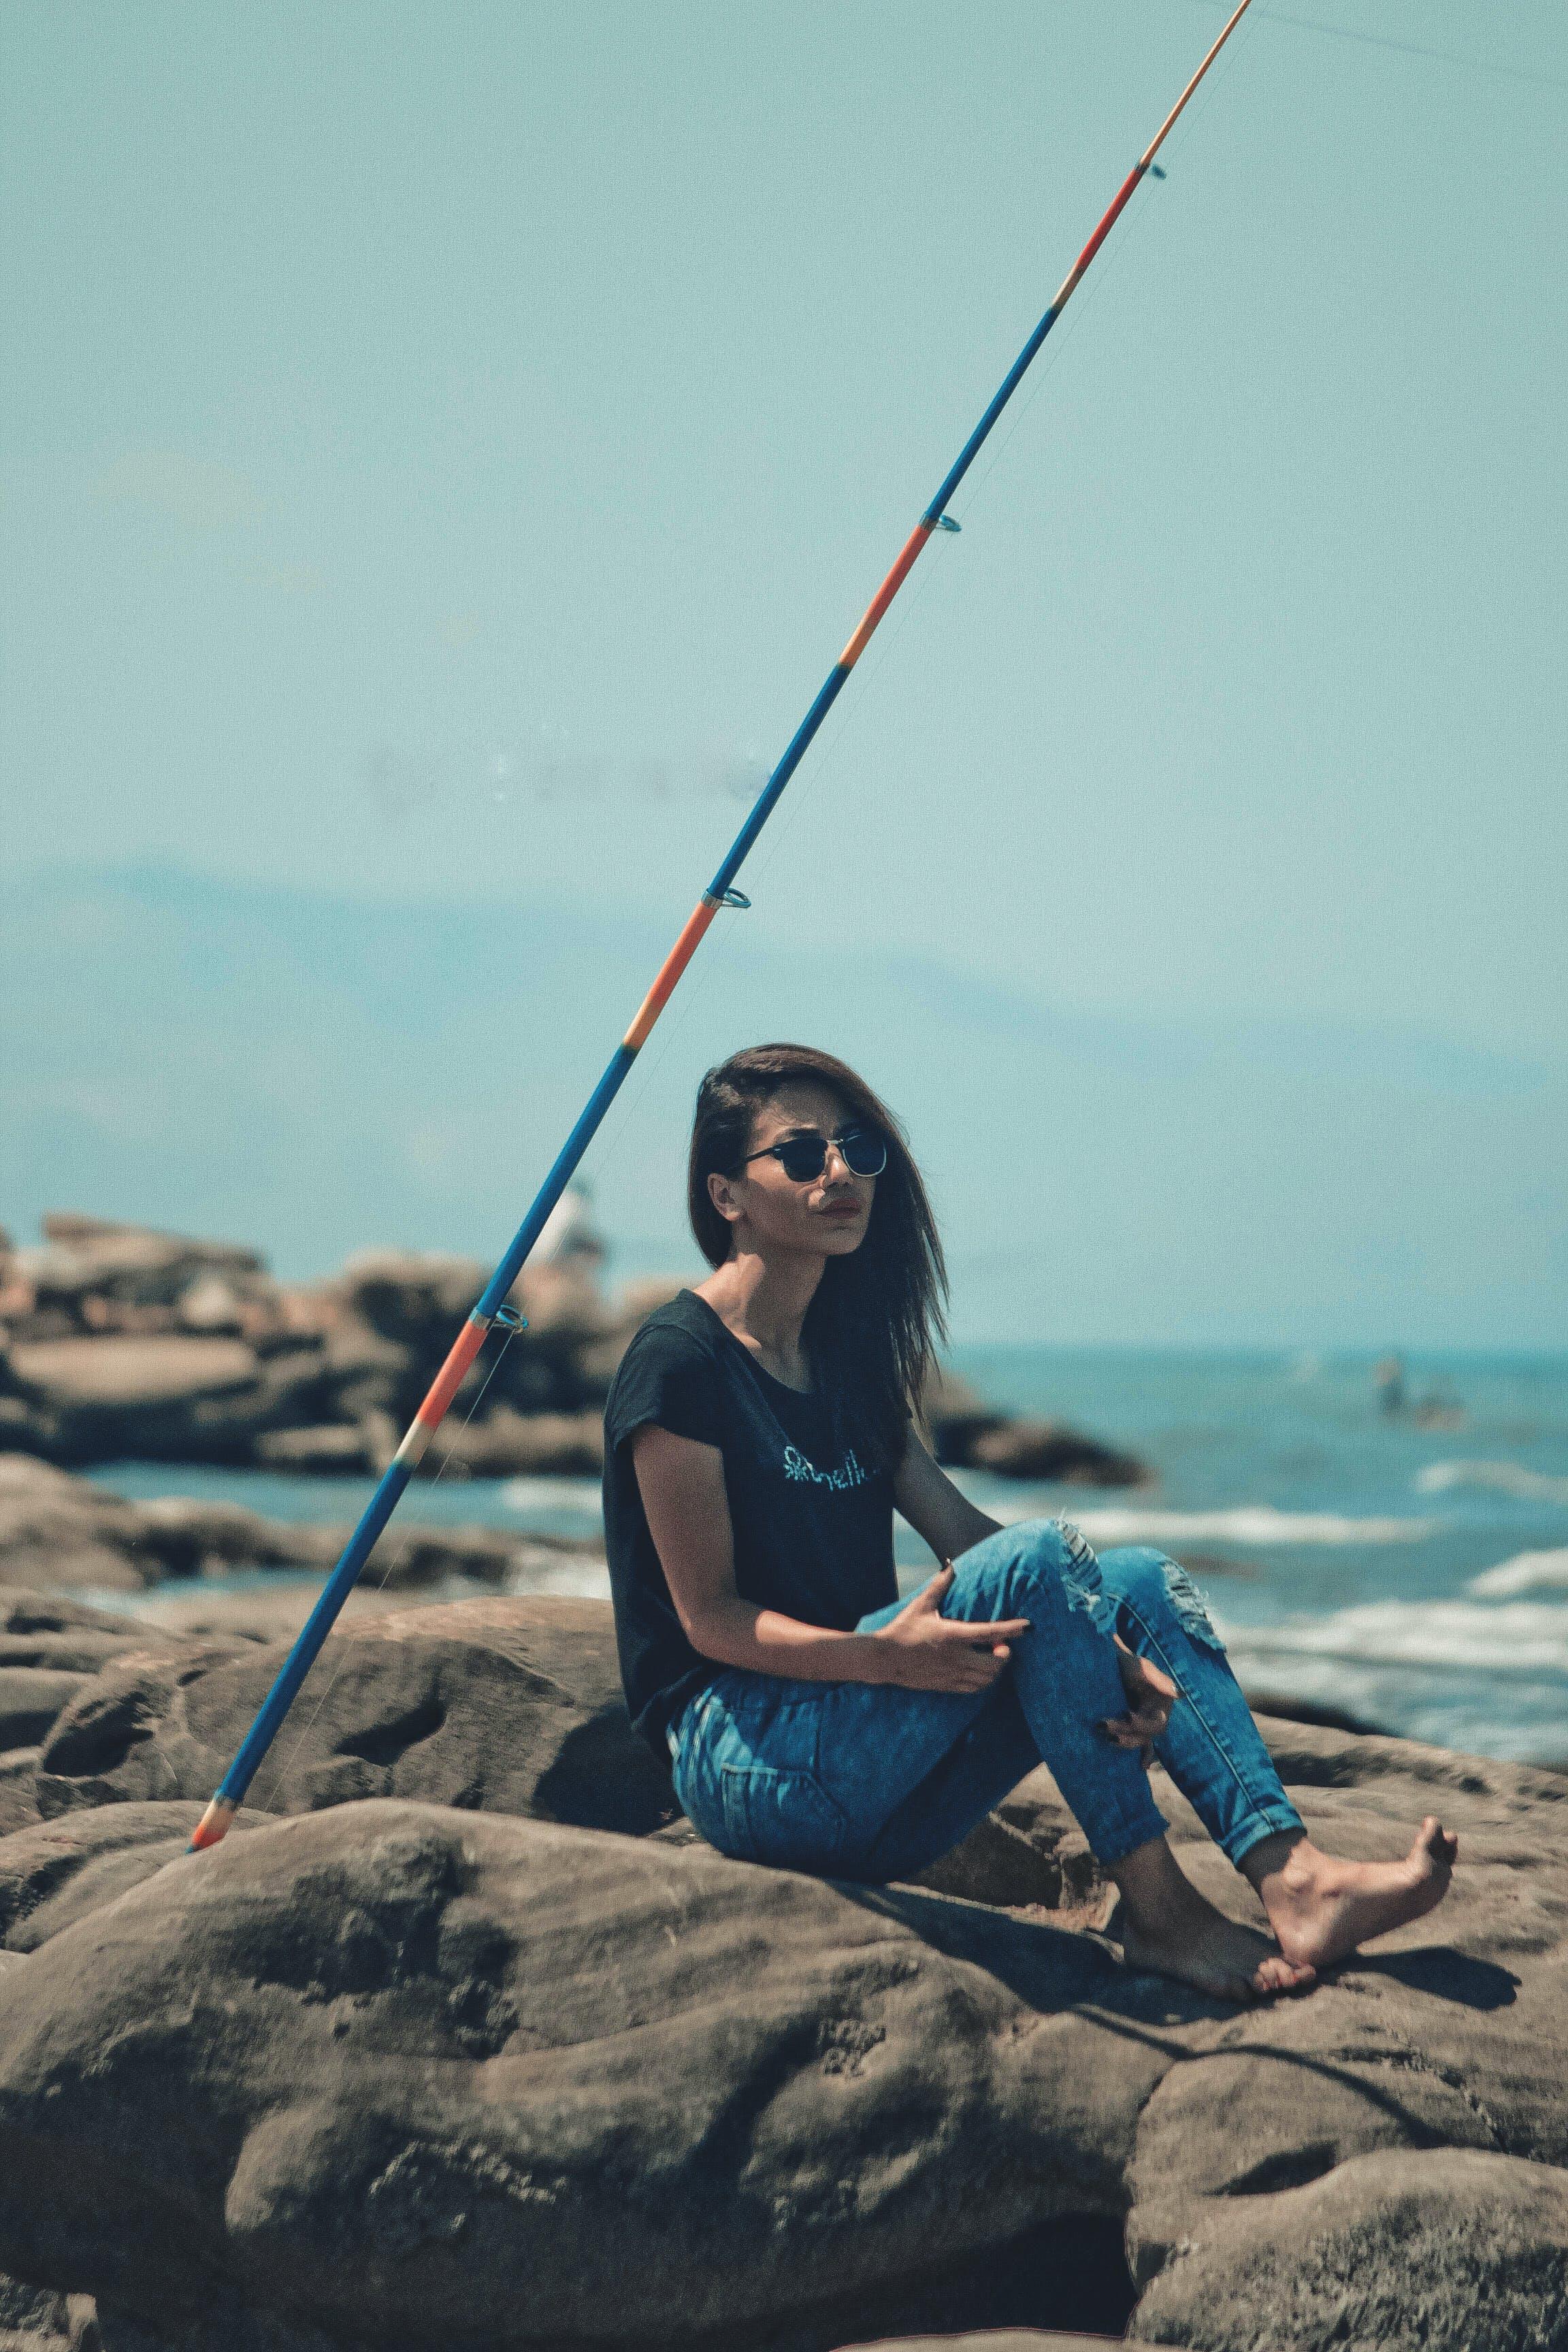 Δωρεάν στοκ φωτογραφιών με rock, θάλασσα, κορίτσι, κορίτσι στη θάλασσα